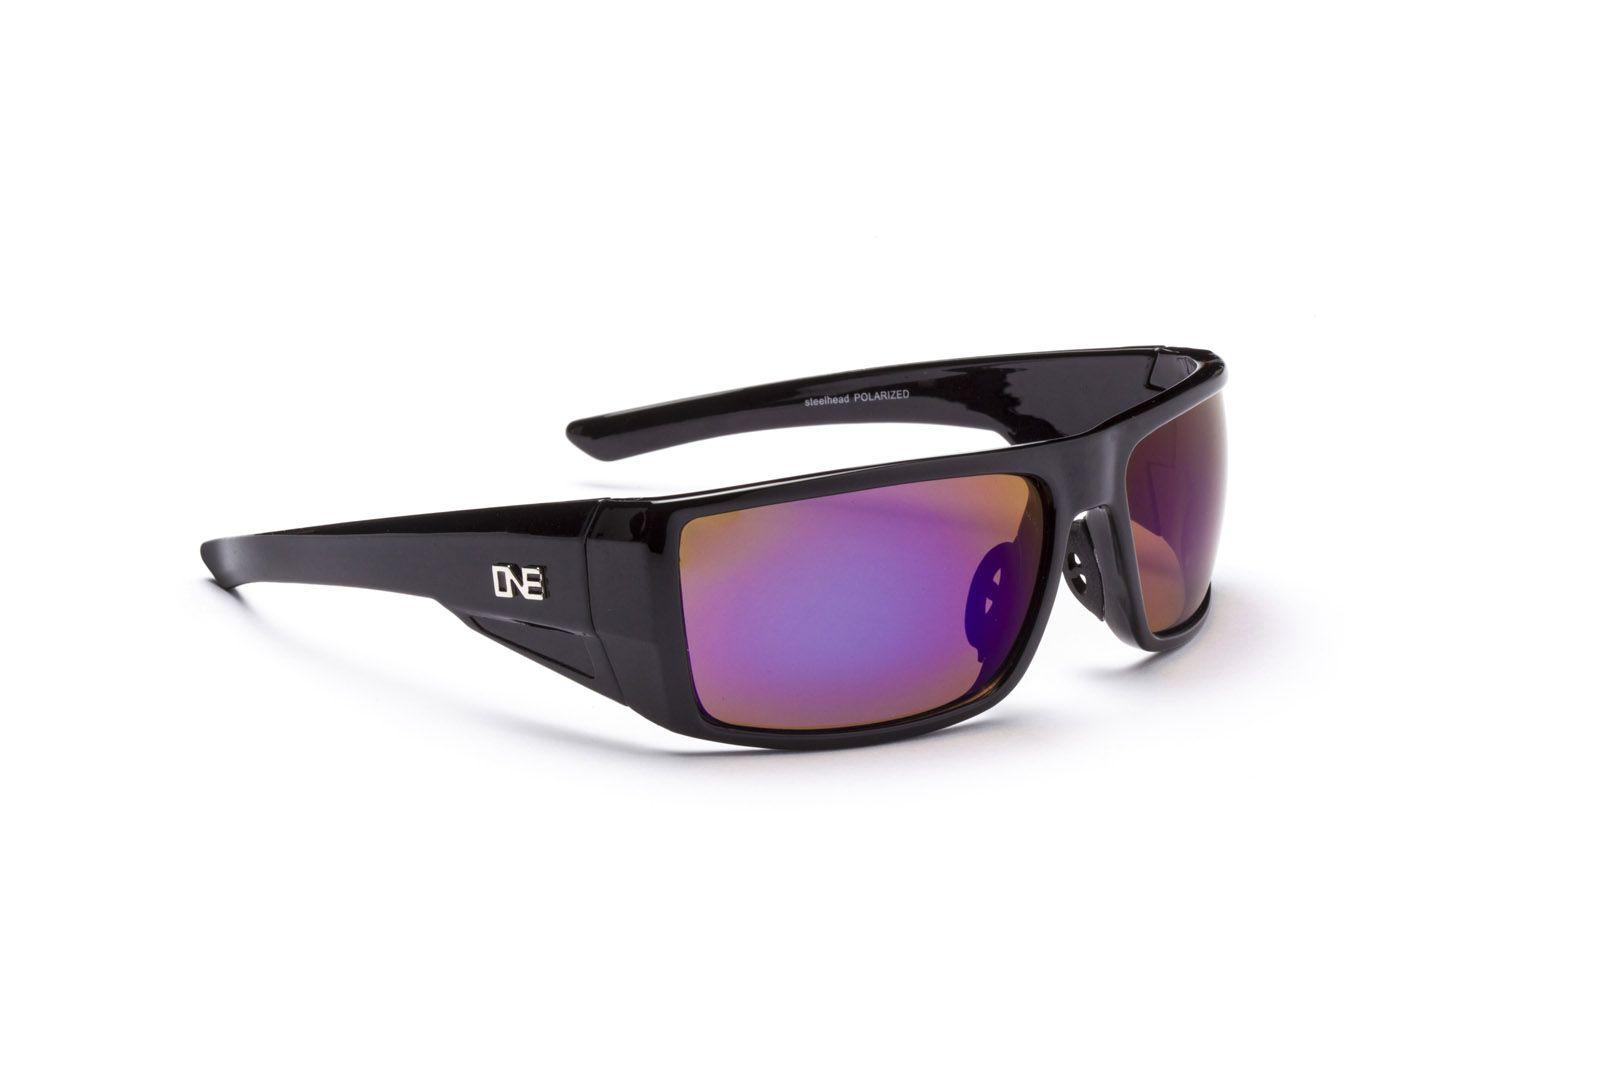 6eab322085 Pin by Optic Nerve Eyewear on Polarized Fishing Watersports ...